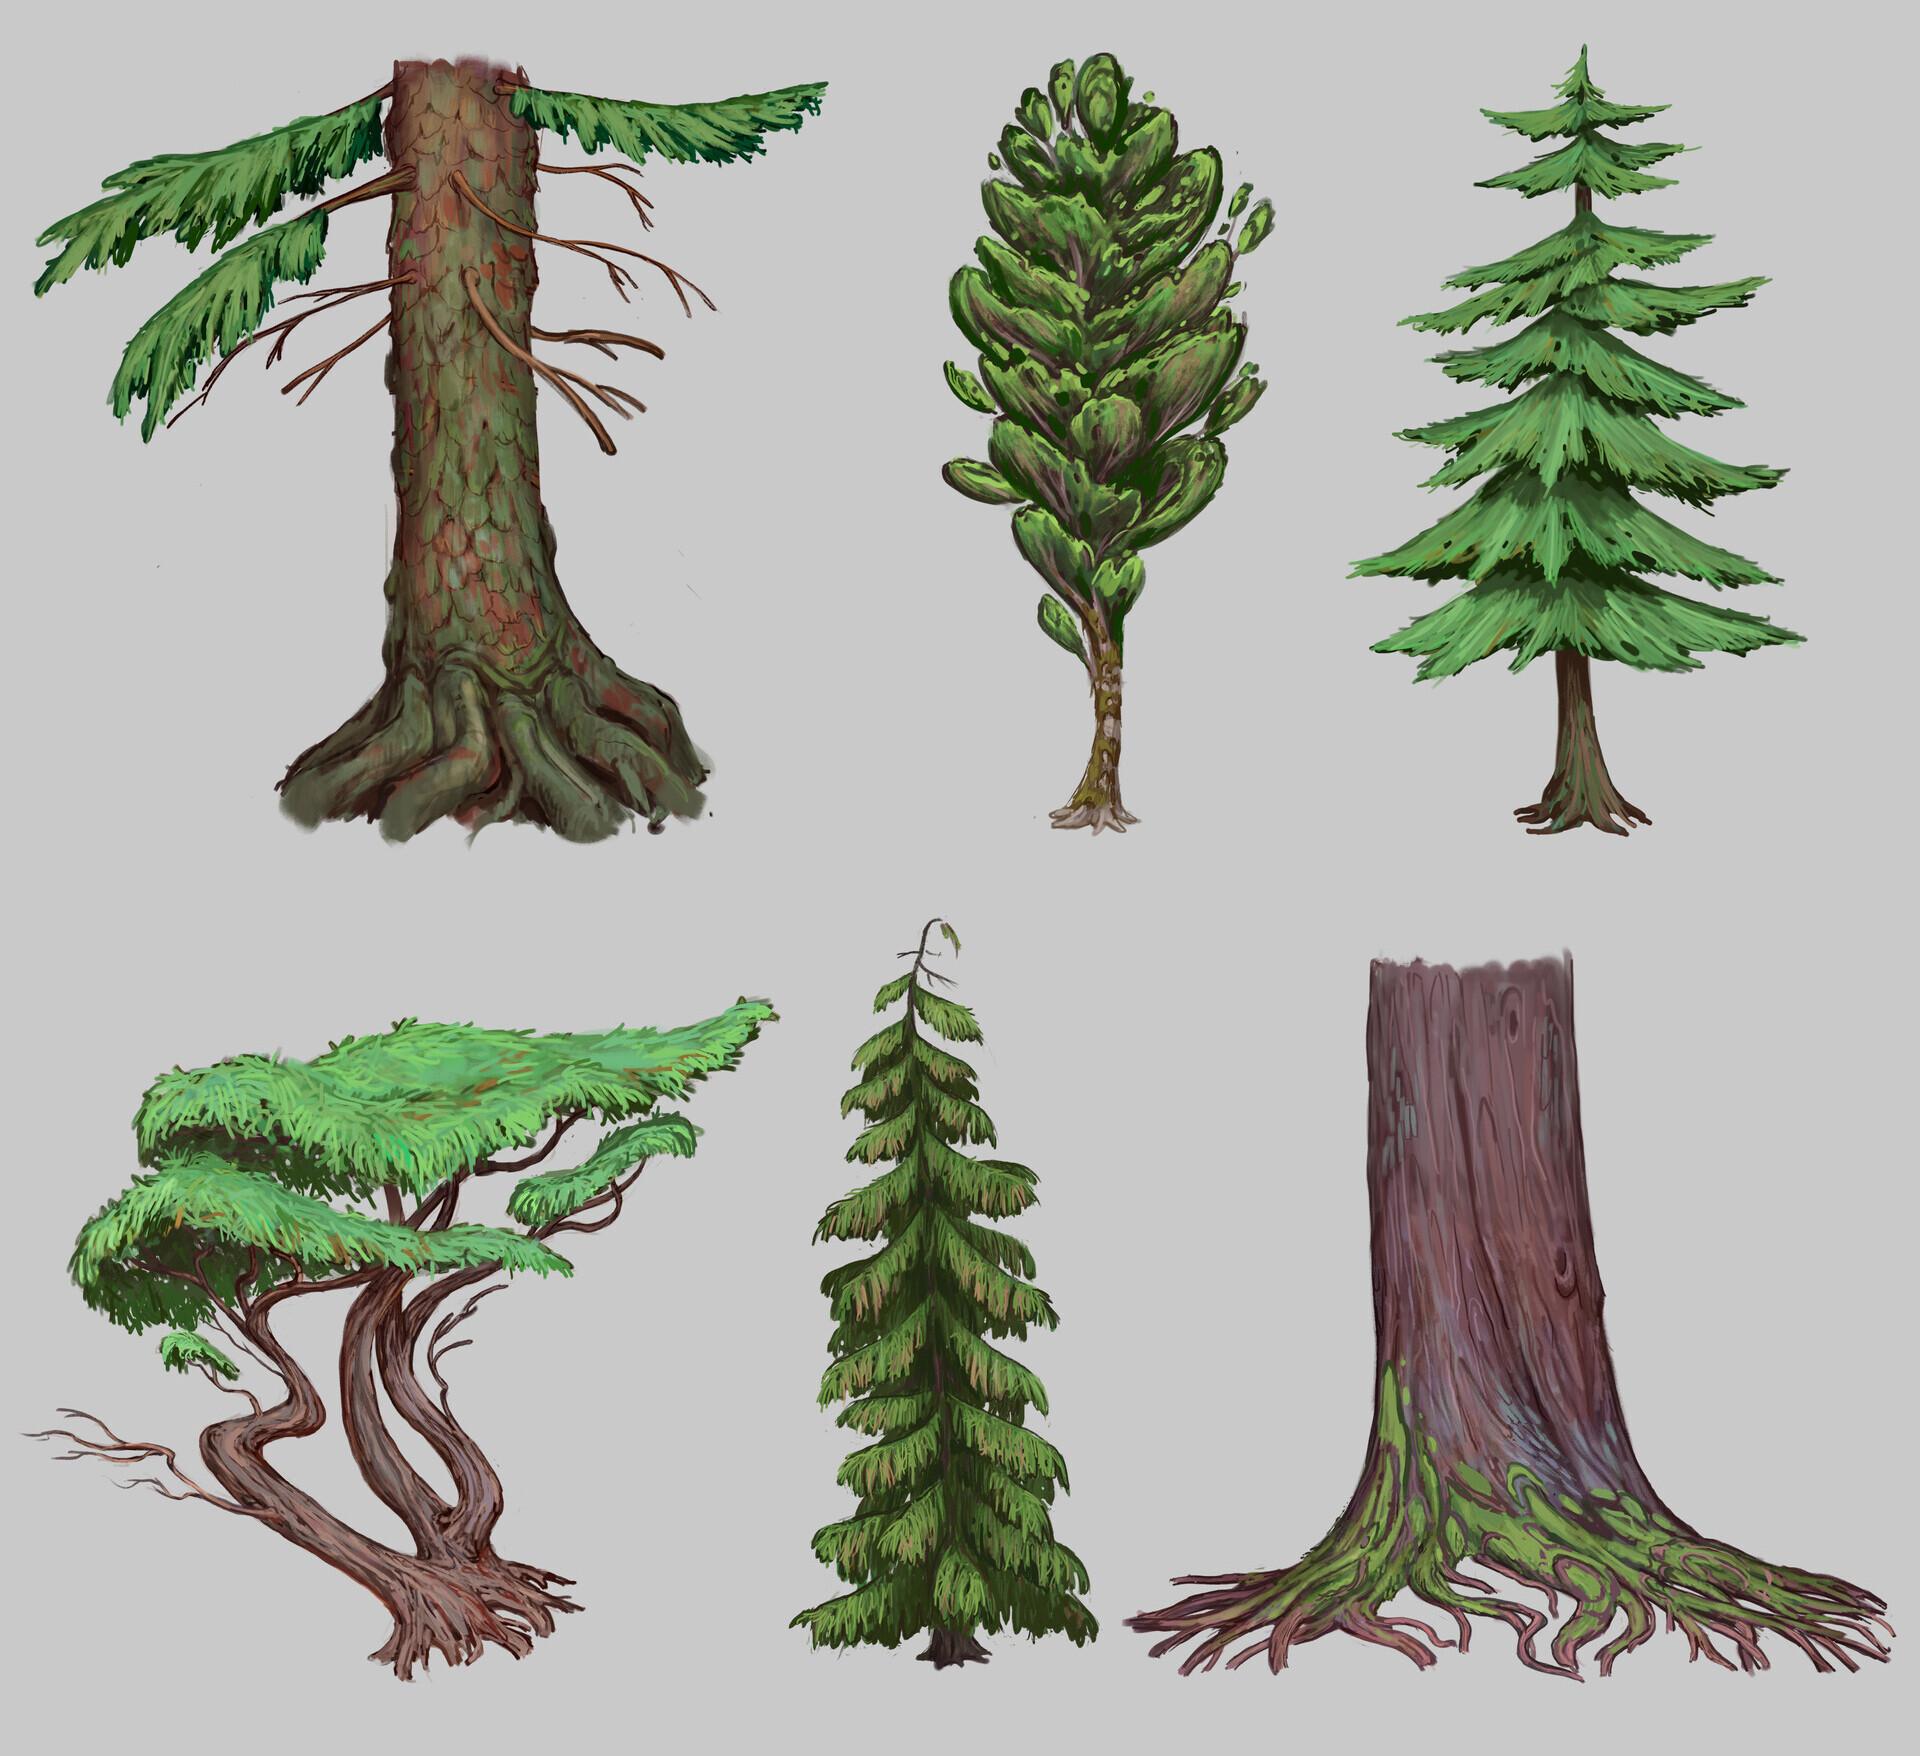 Pablo rivera riverapablo treedesigns